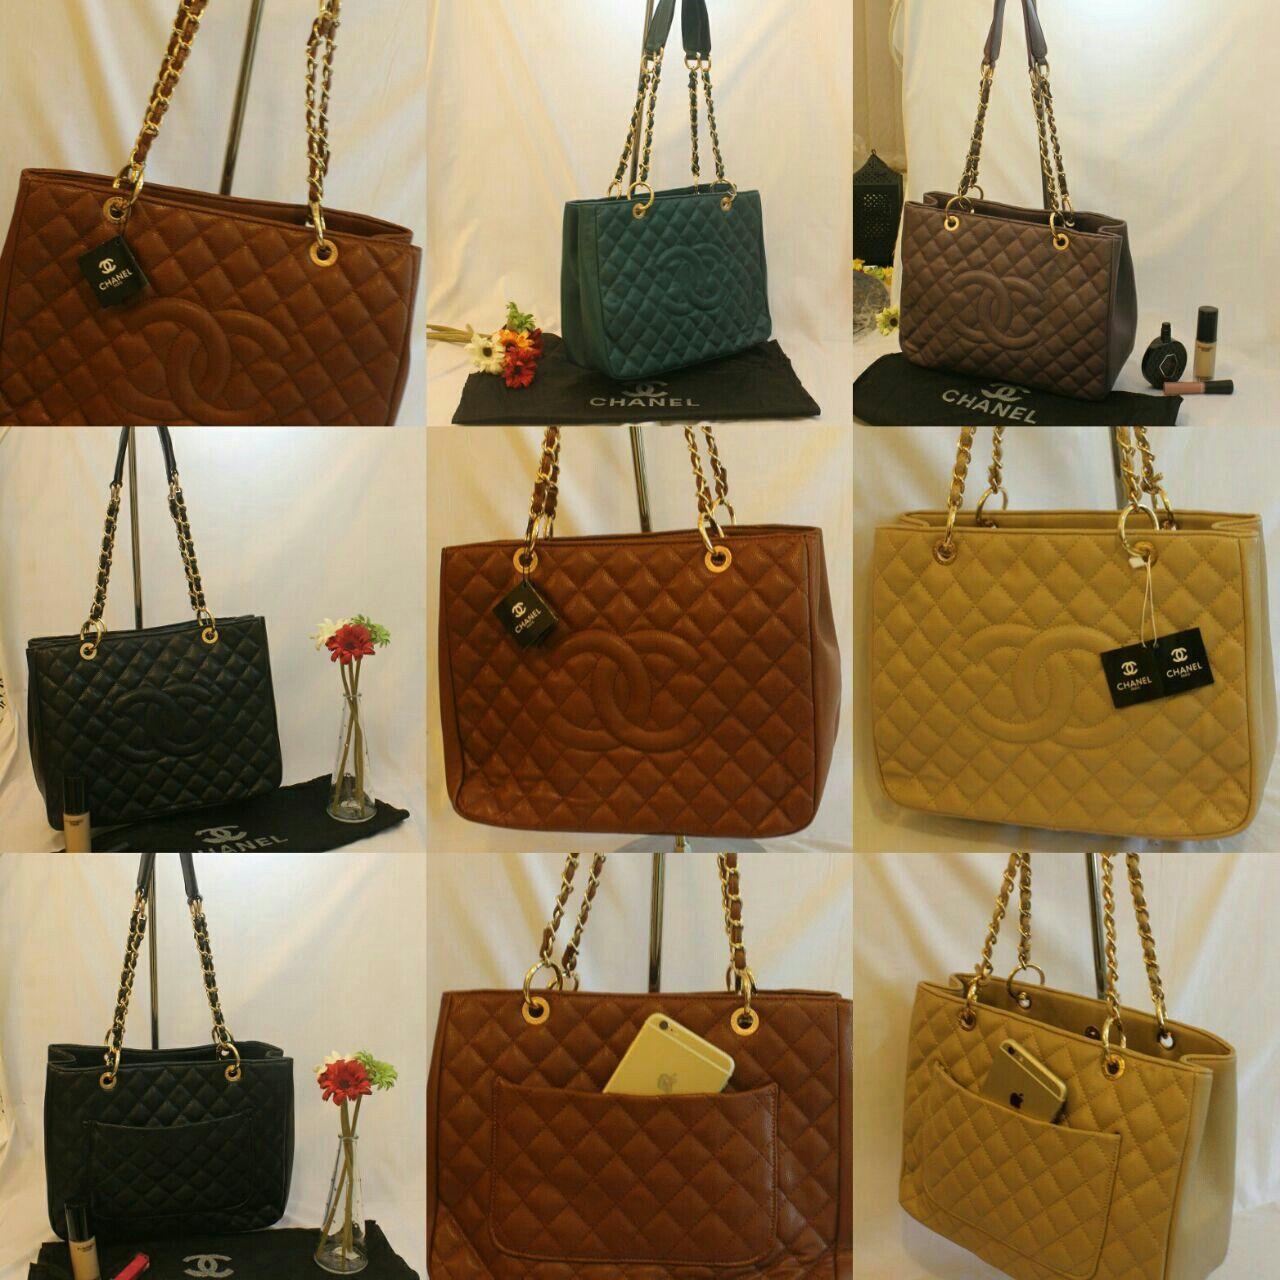 شنط شانيل جديدة السعر 230ريال Vuitton Louis Vuitton Bags